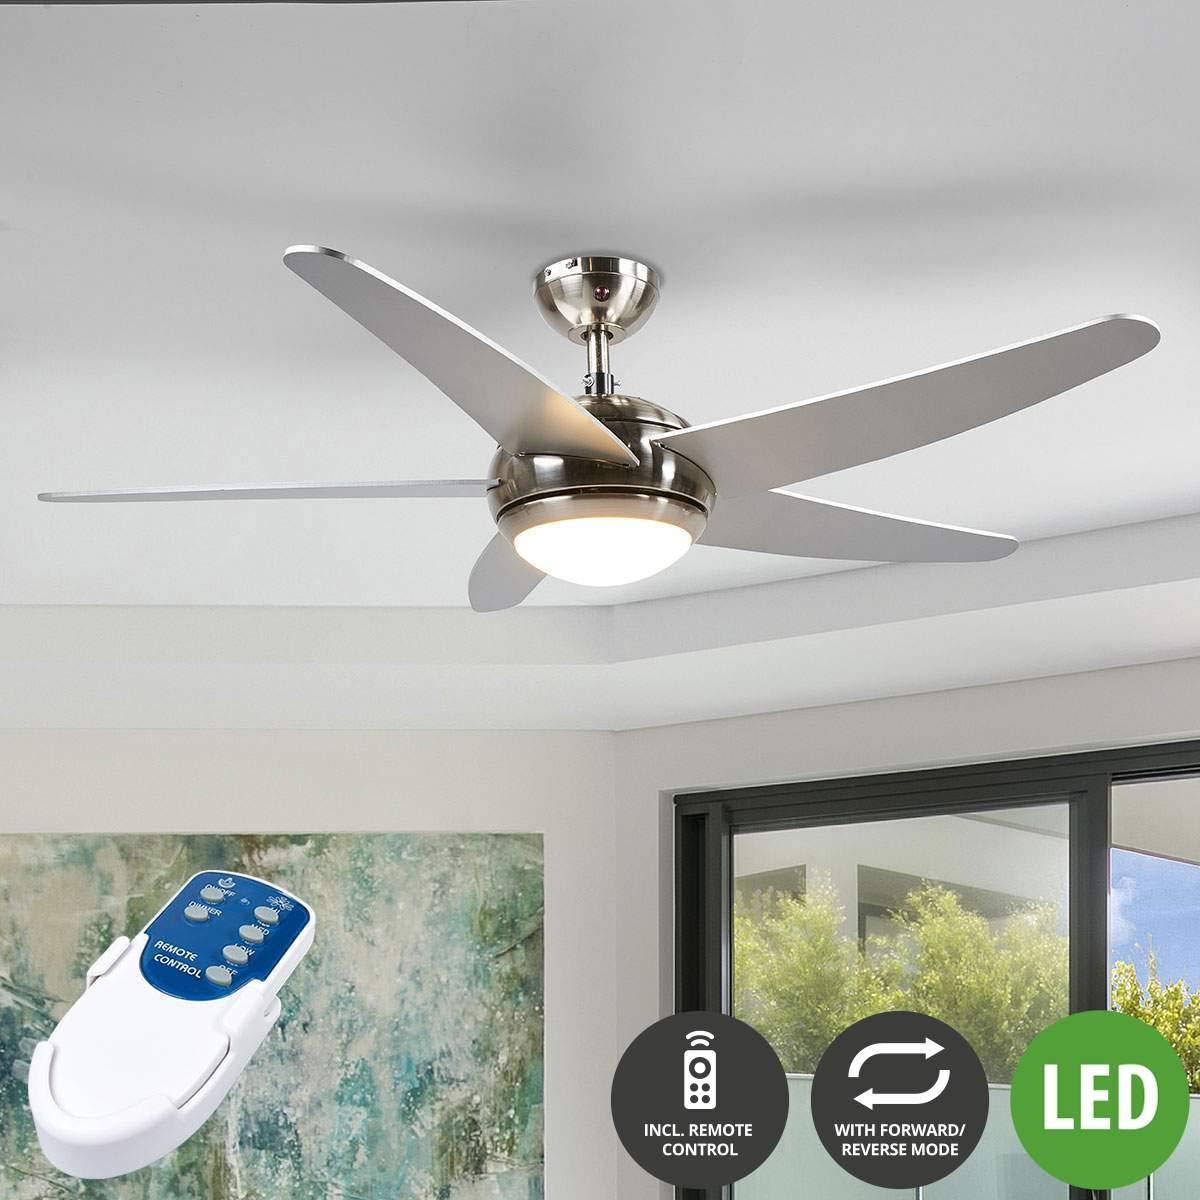 für Wohnzimmer & Esszimmer Lampenwelt LED Deckenventilator mit